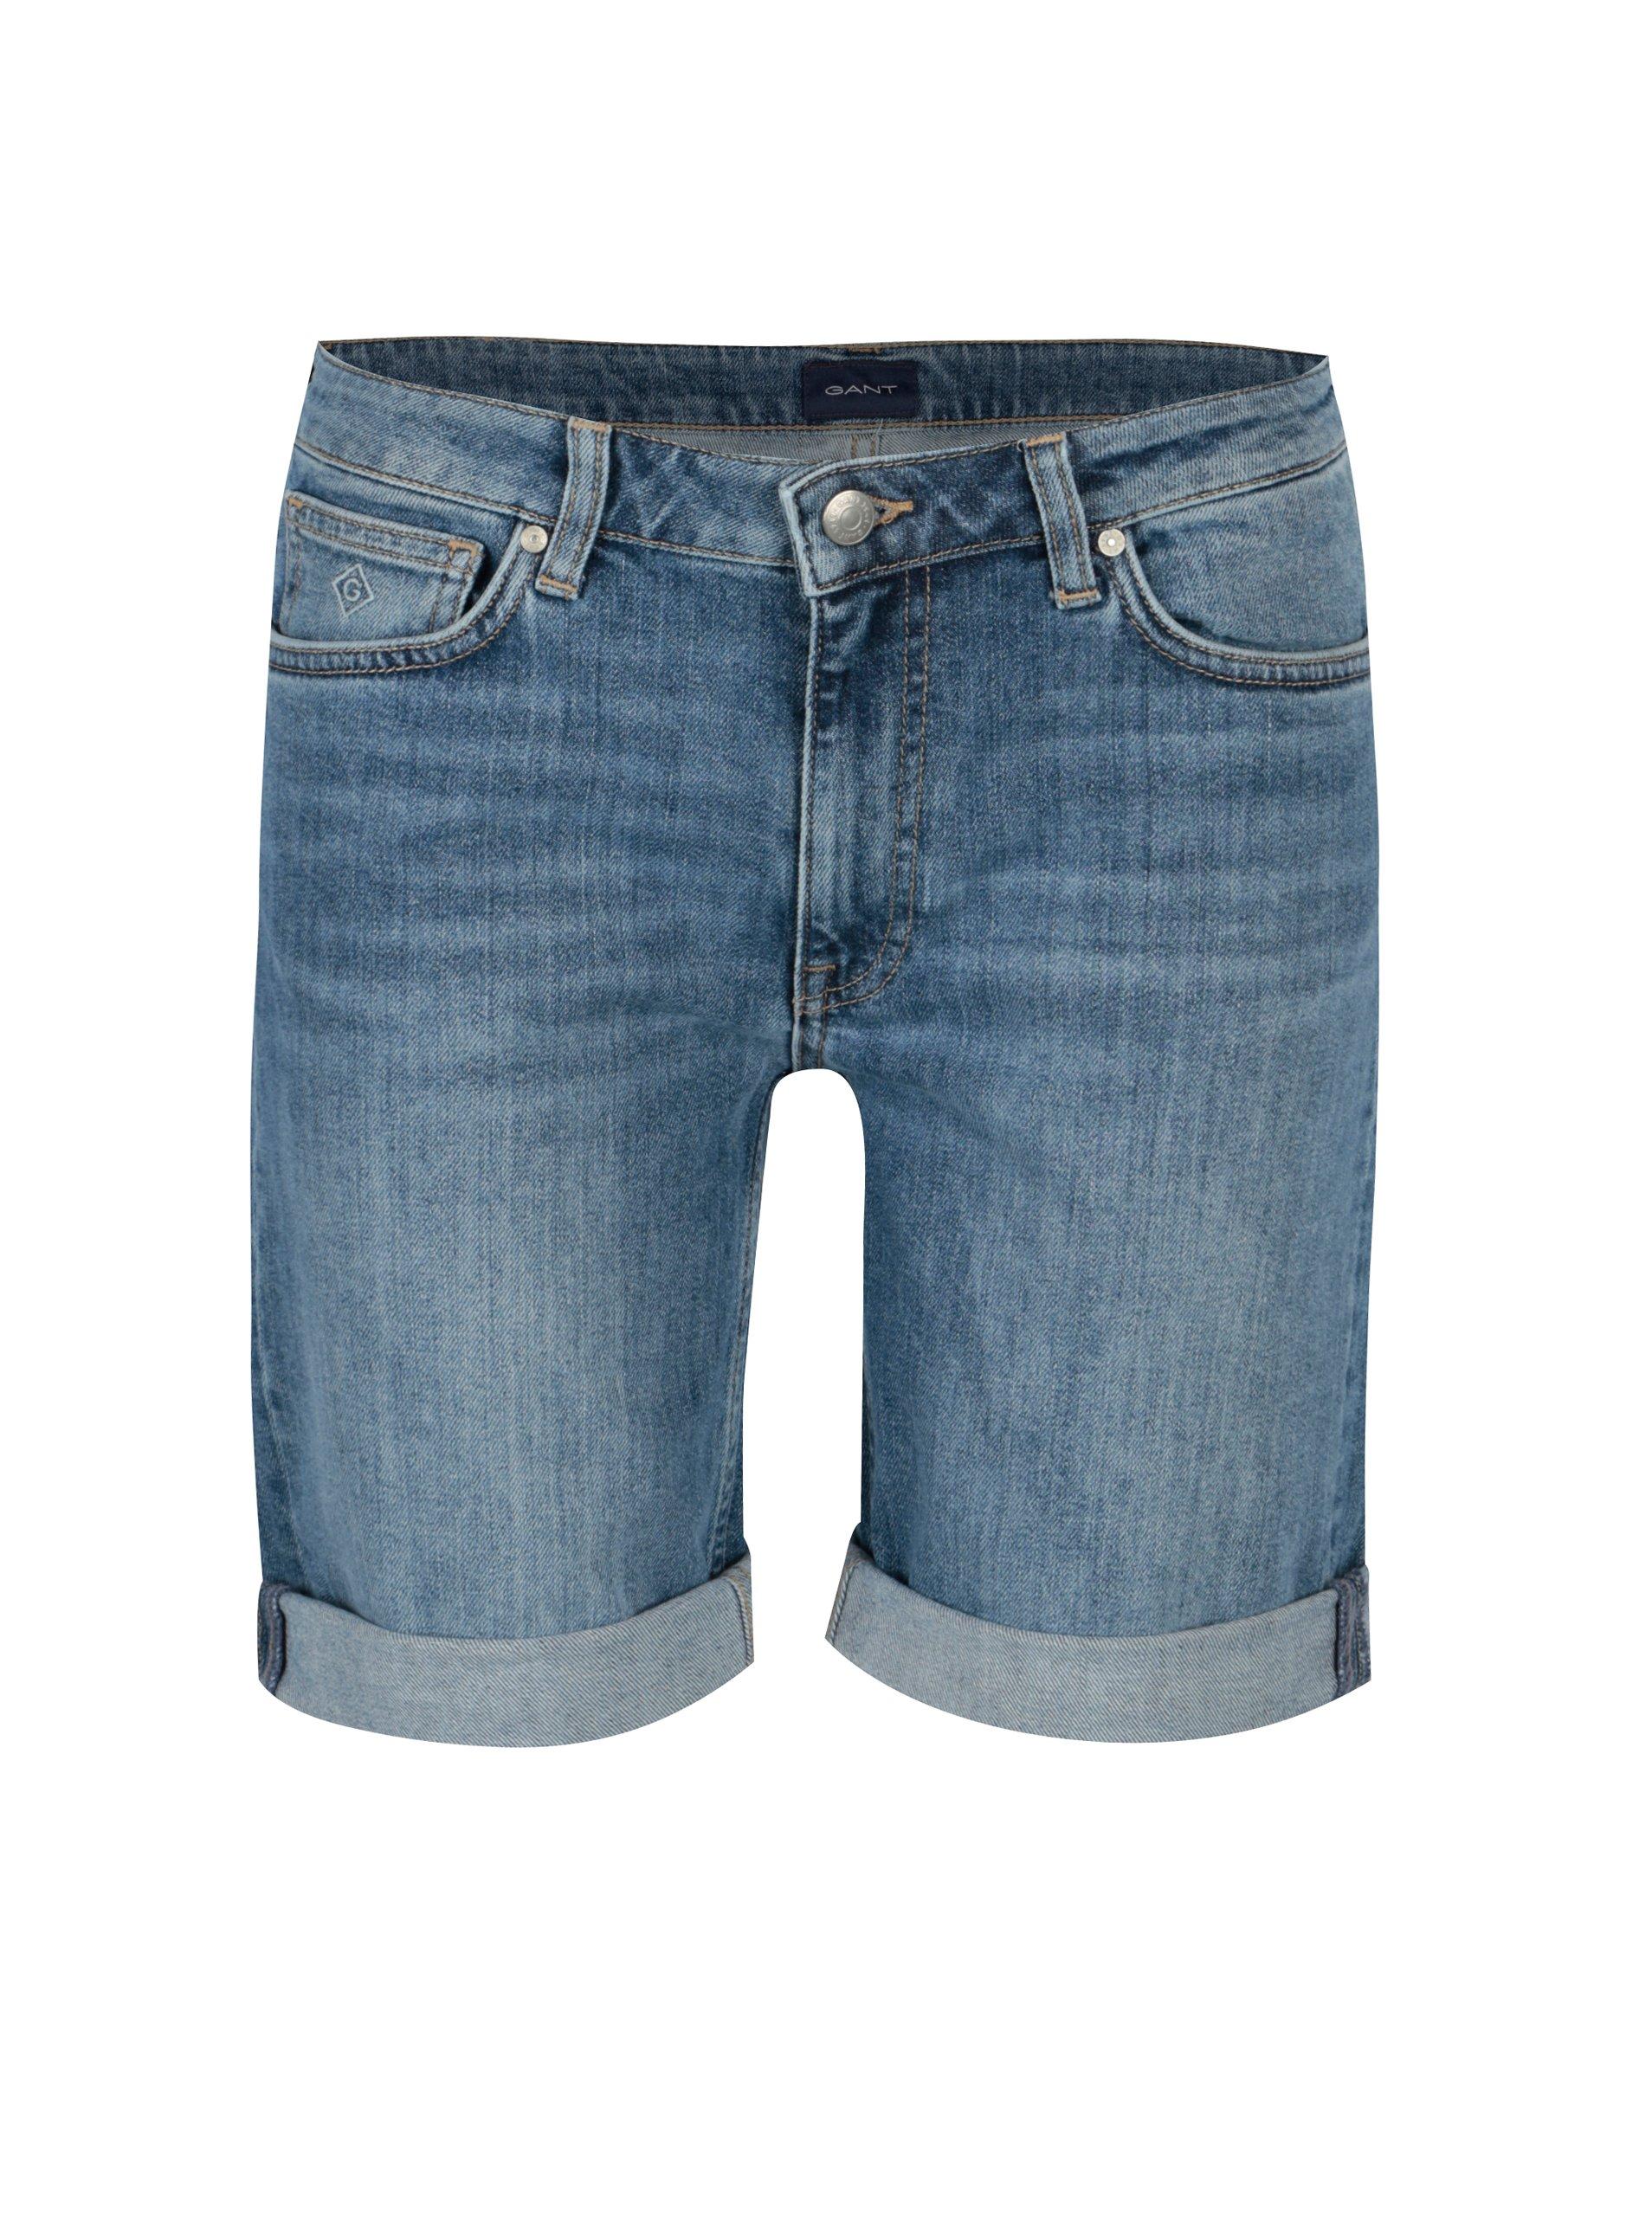 Fotografie Světle modré dámské džínové kraťasy GANT